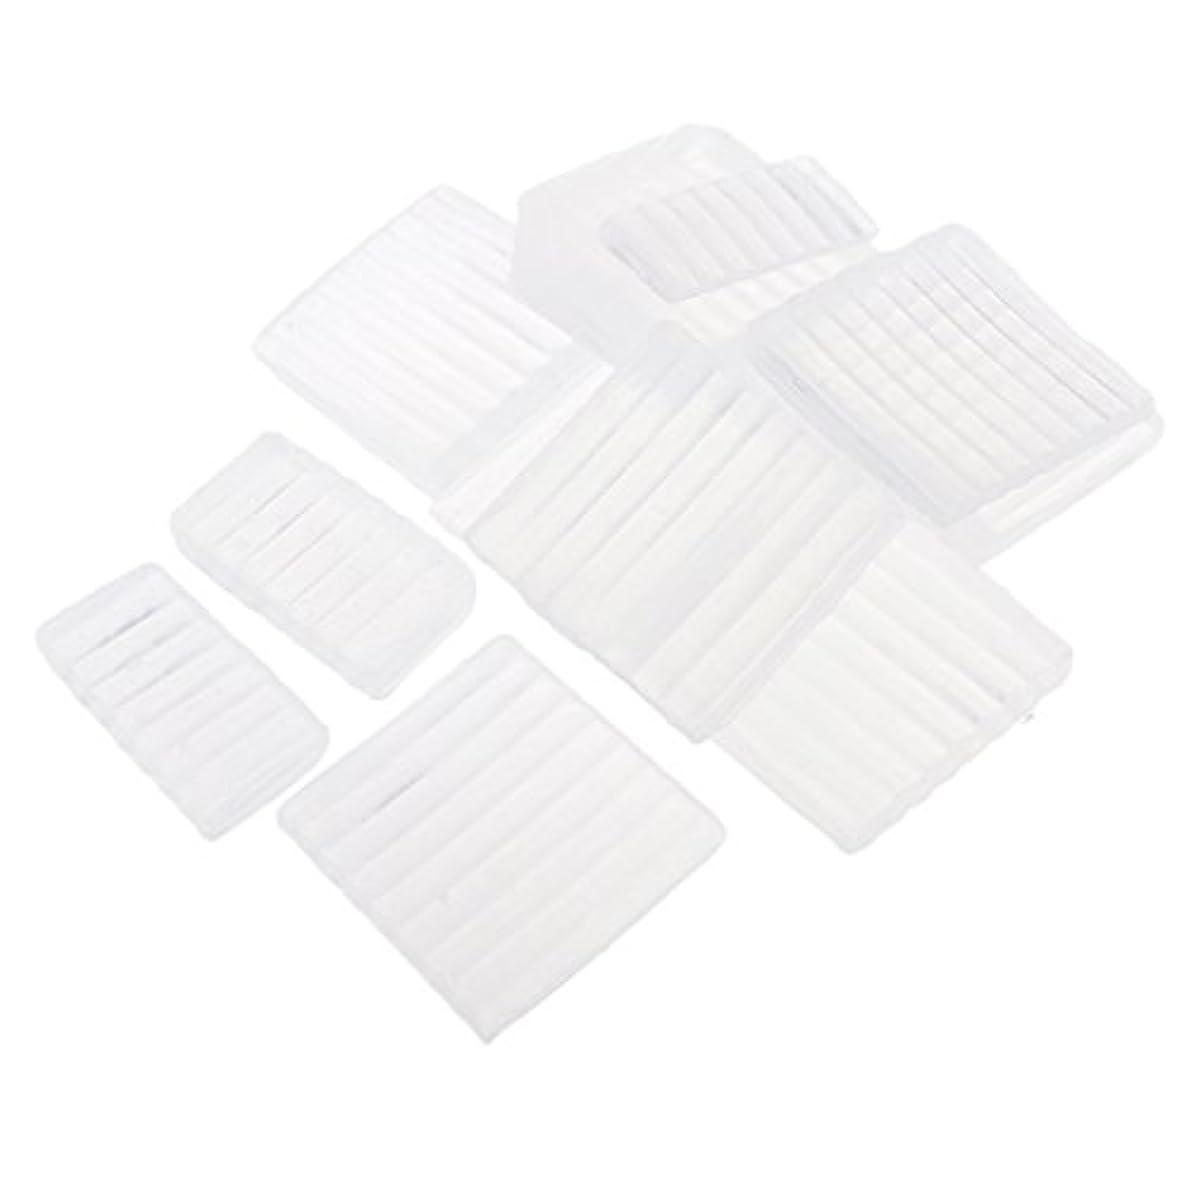 おもてなし後方雪だるまPerfeclan 約500g ホワイト 透明 石鹸ベース DIY 手作り 石鹸 材料